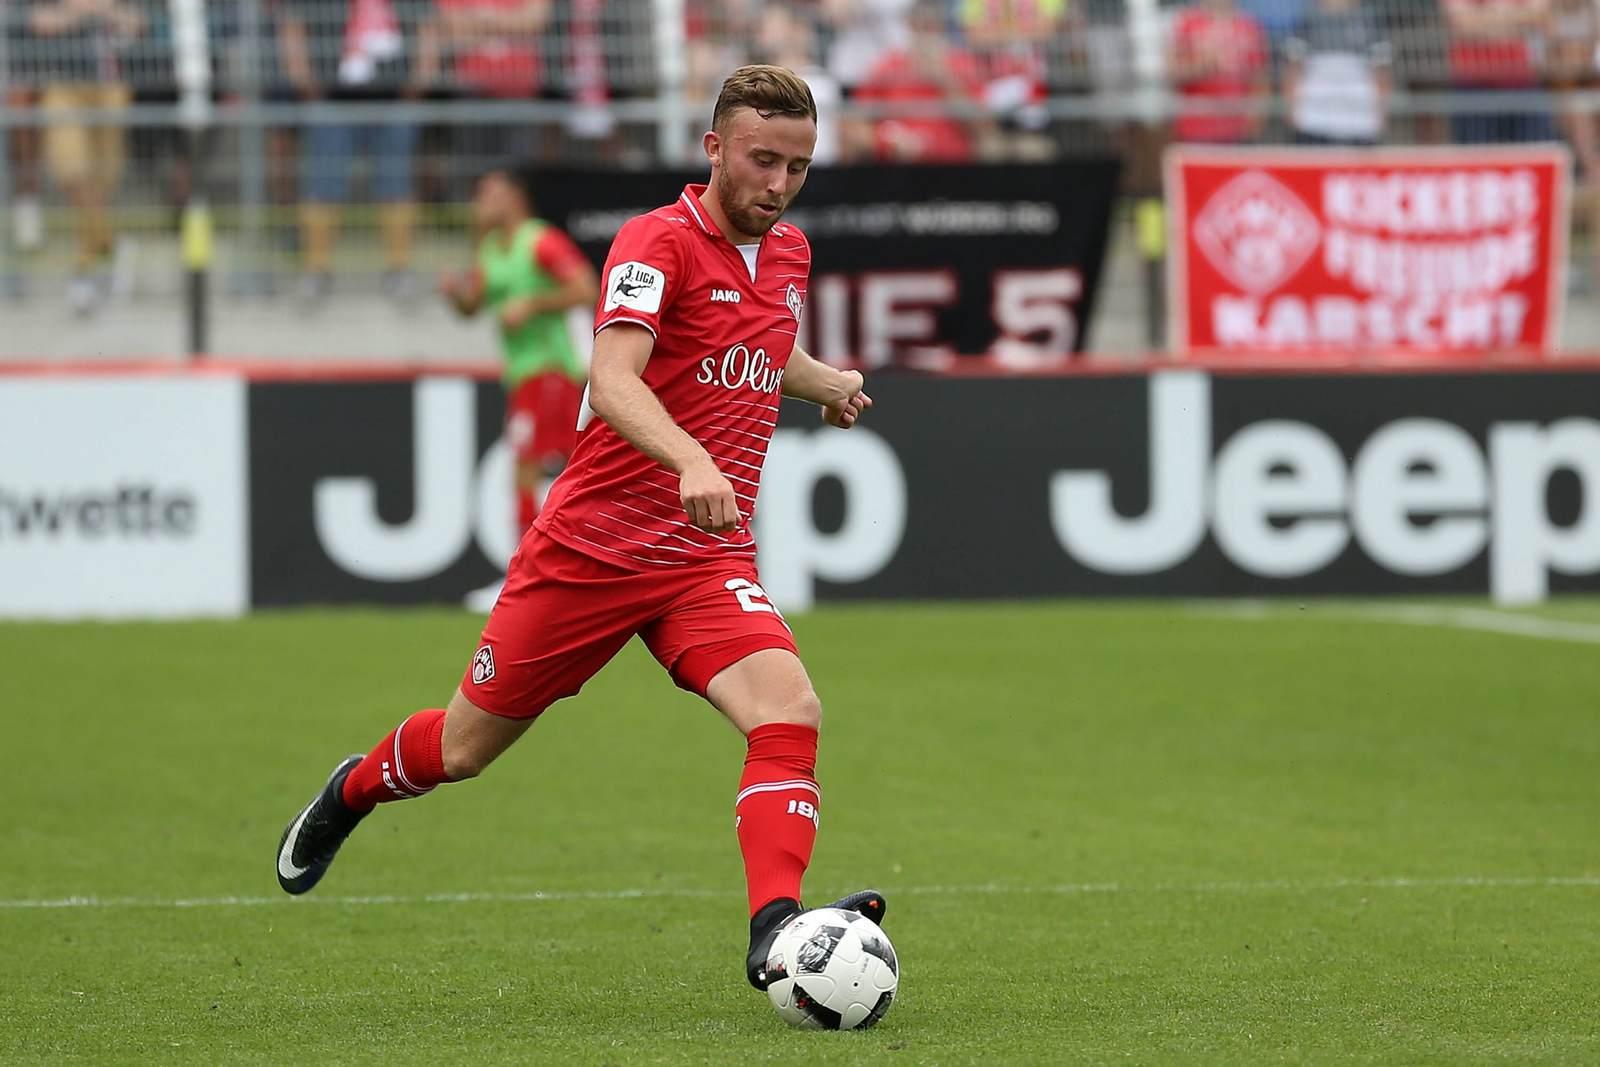 Marvin Kleihs am Ball für die Würzburger Kickers